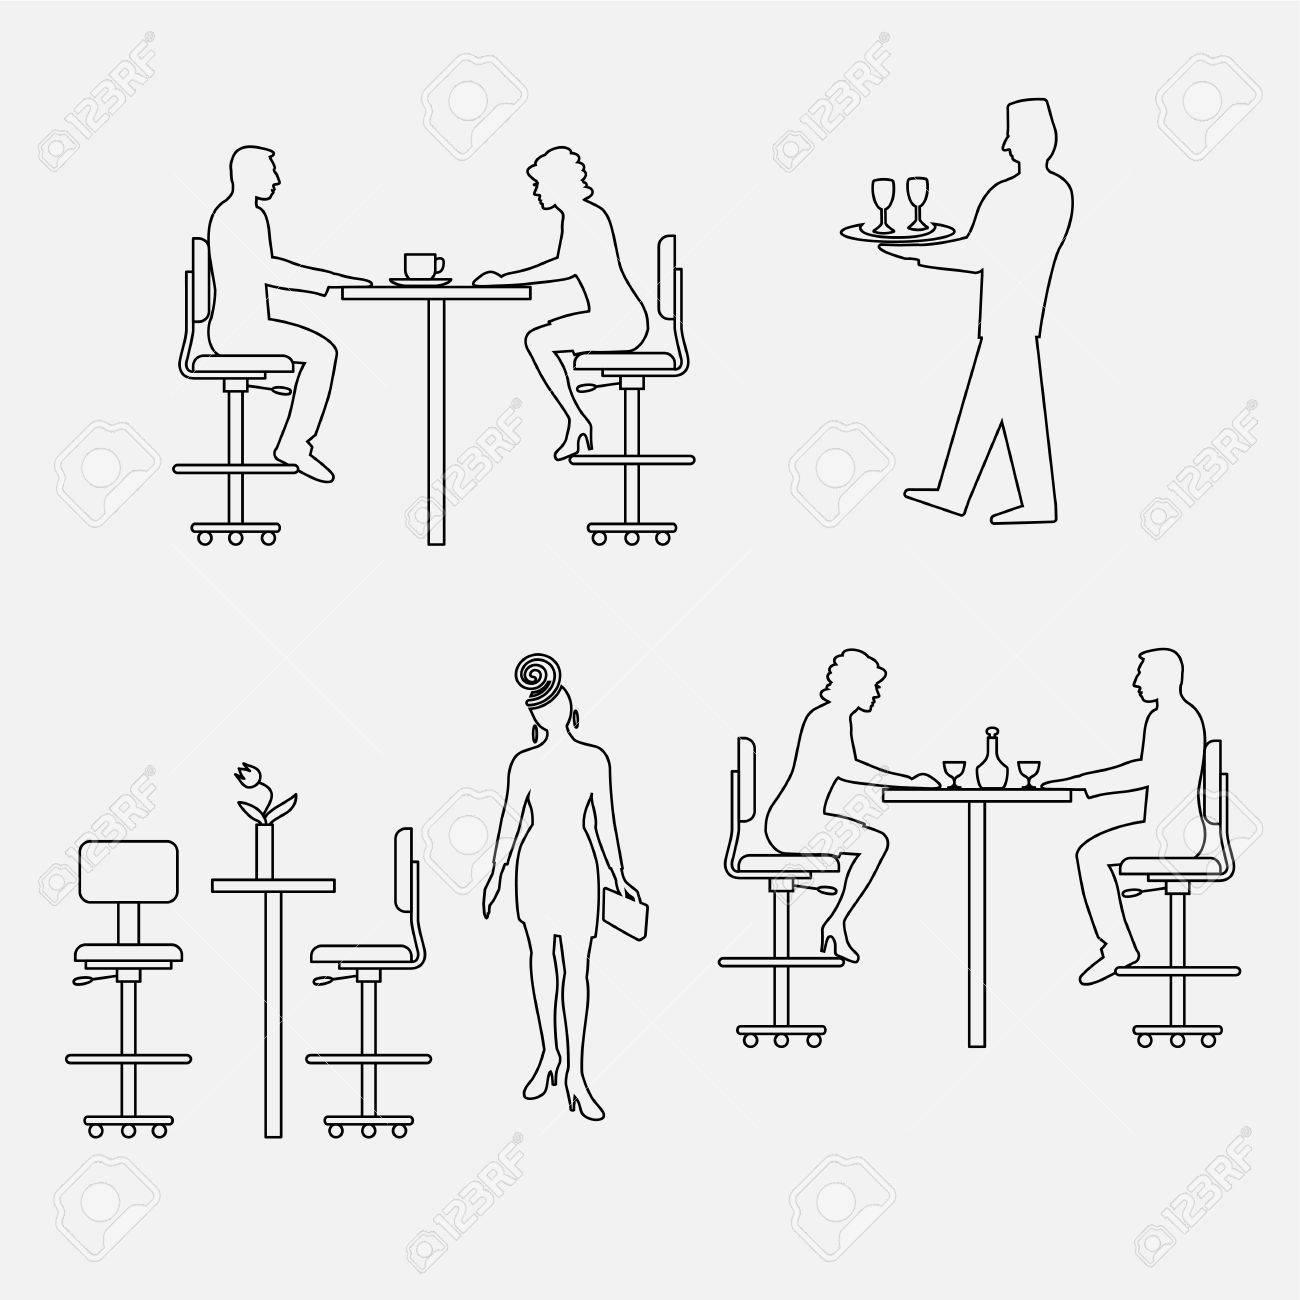 ensemble architectural de meubles avec des personnes assis homme femme vue de face elements d interieur pour restaurant bar cafe locaux icones